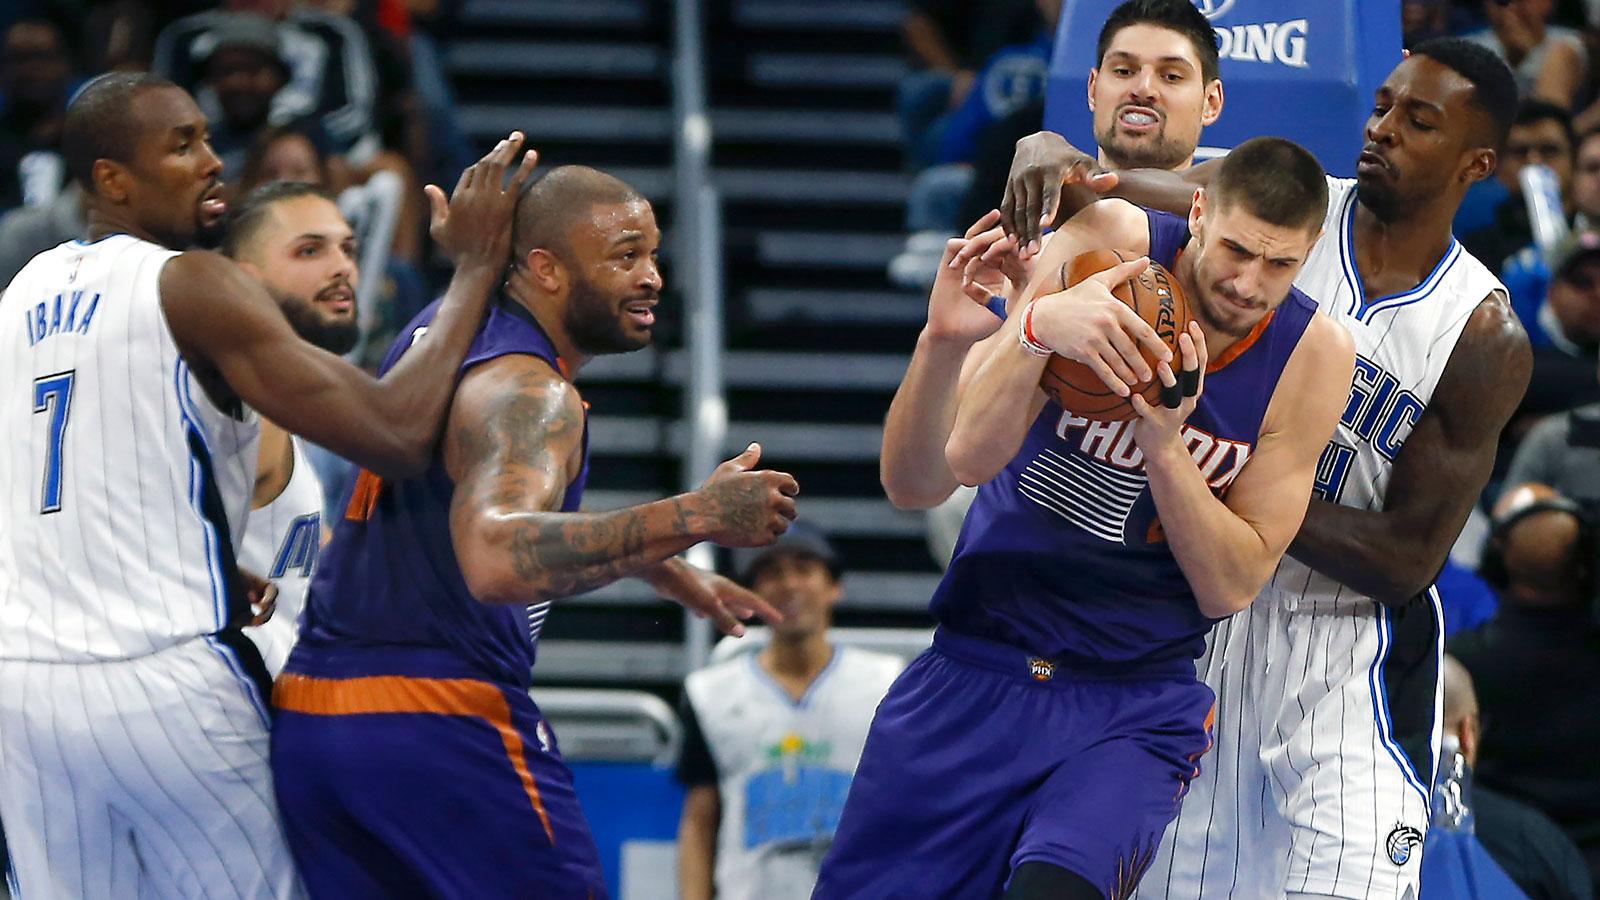 Suns beat Magic behind Len, Bledsoe